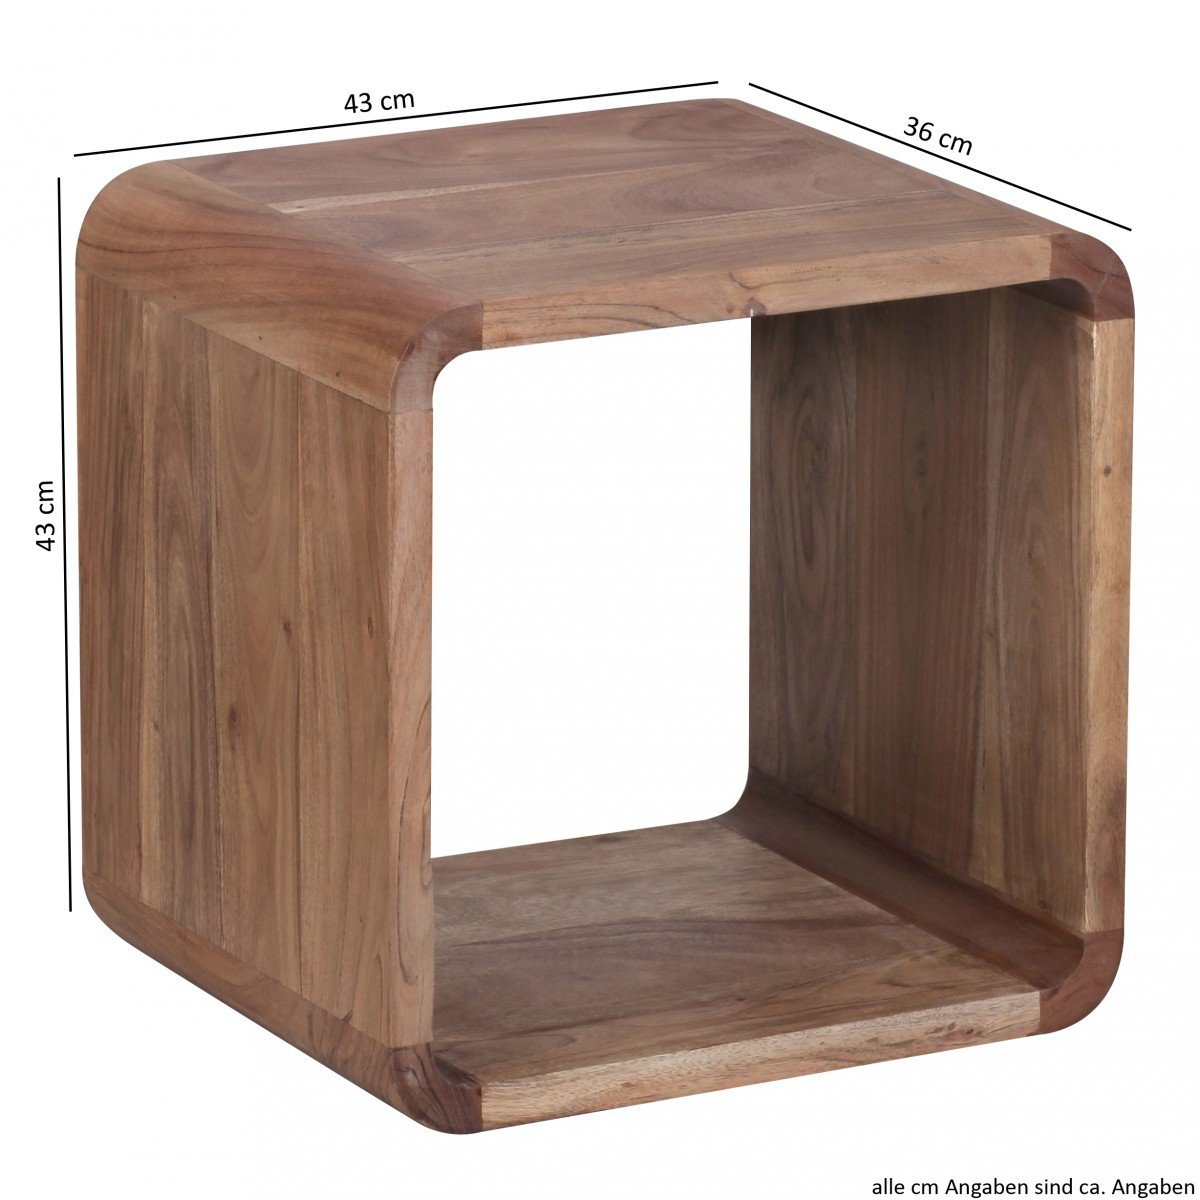 Finebuy 2er Set Satztisch Massiv Holz Akazie Wohnzimmer Tisch